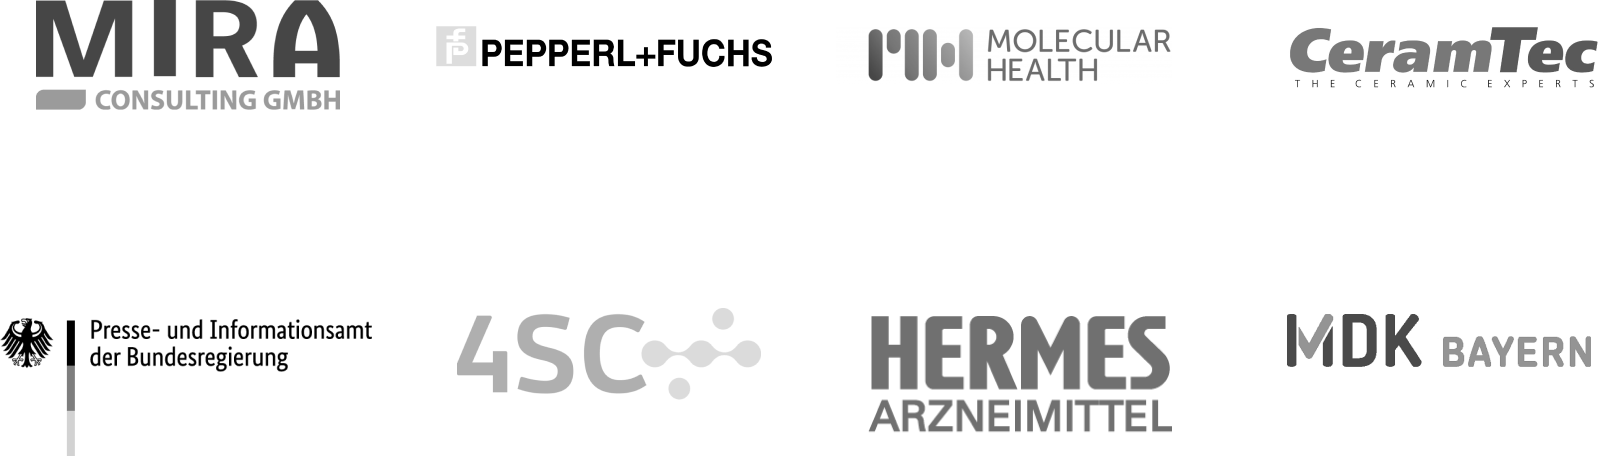 Mira; Pepperl + Fuchs; Molecular Health; CeramTec; Presse- und Informationsamt der Bundesregierung; 4SC; Hermes Arzneimittel; MDK Bayern